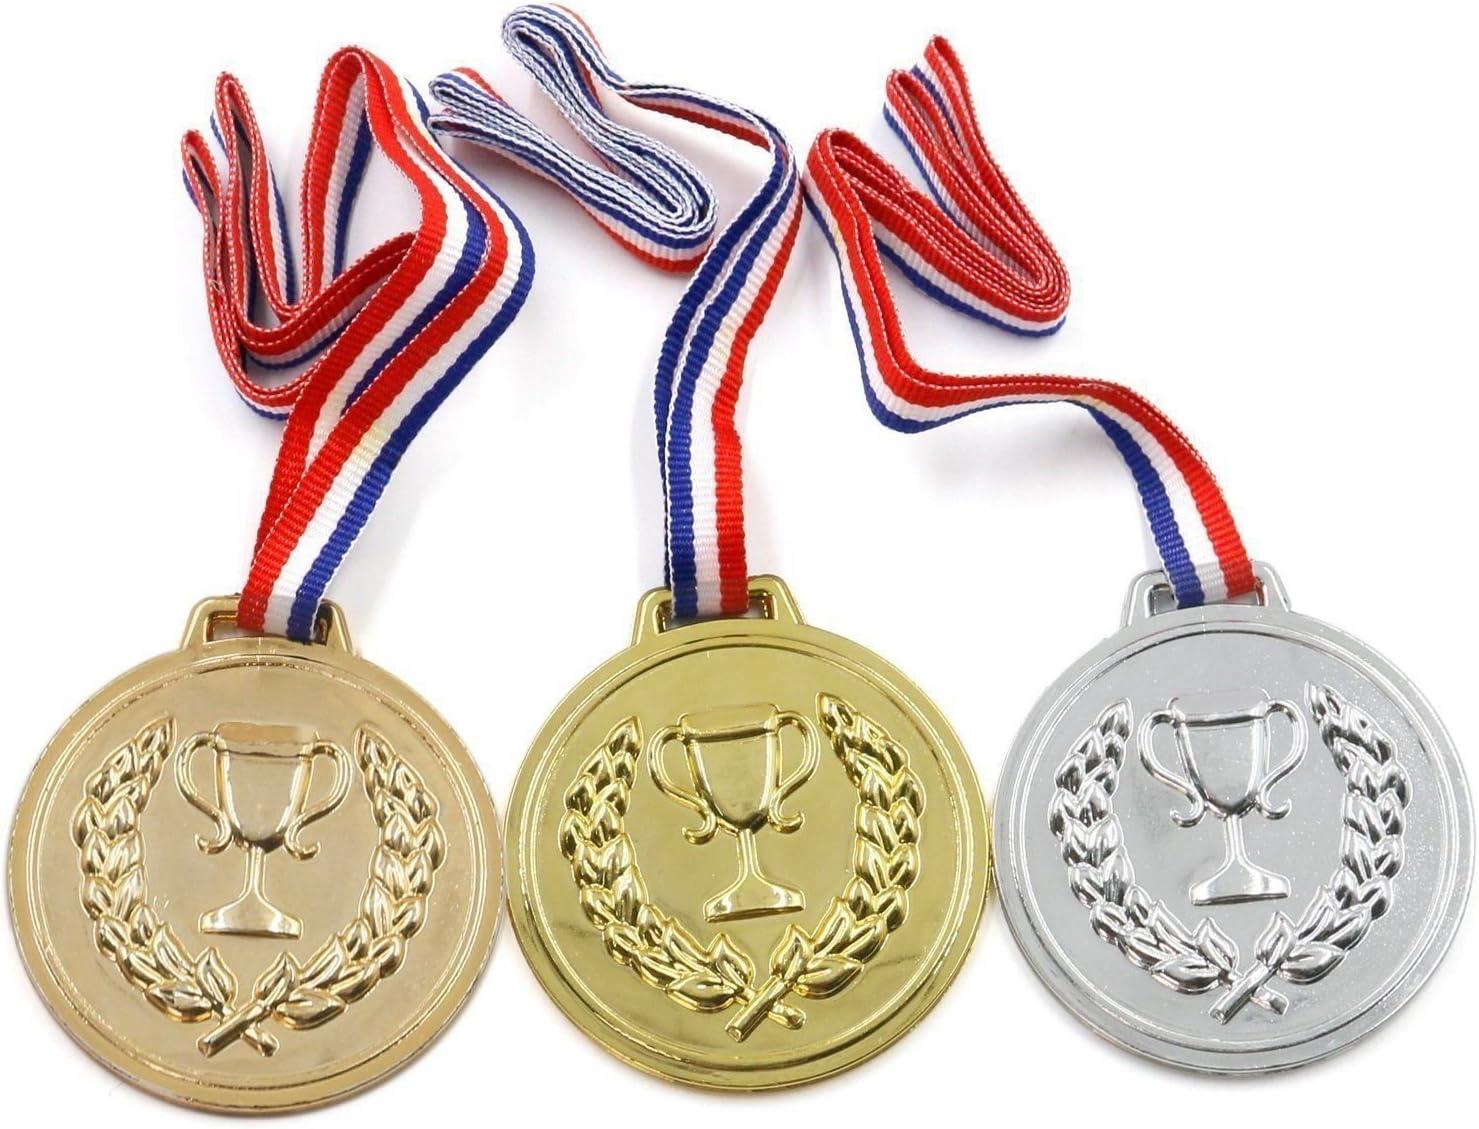 GOLD, PLATA & BRONCE MEDALLAS, OLIMPIADAS/DEPORTES DAY PREMIOS ...